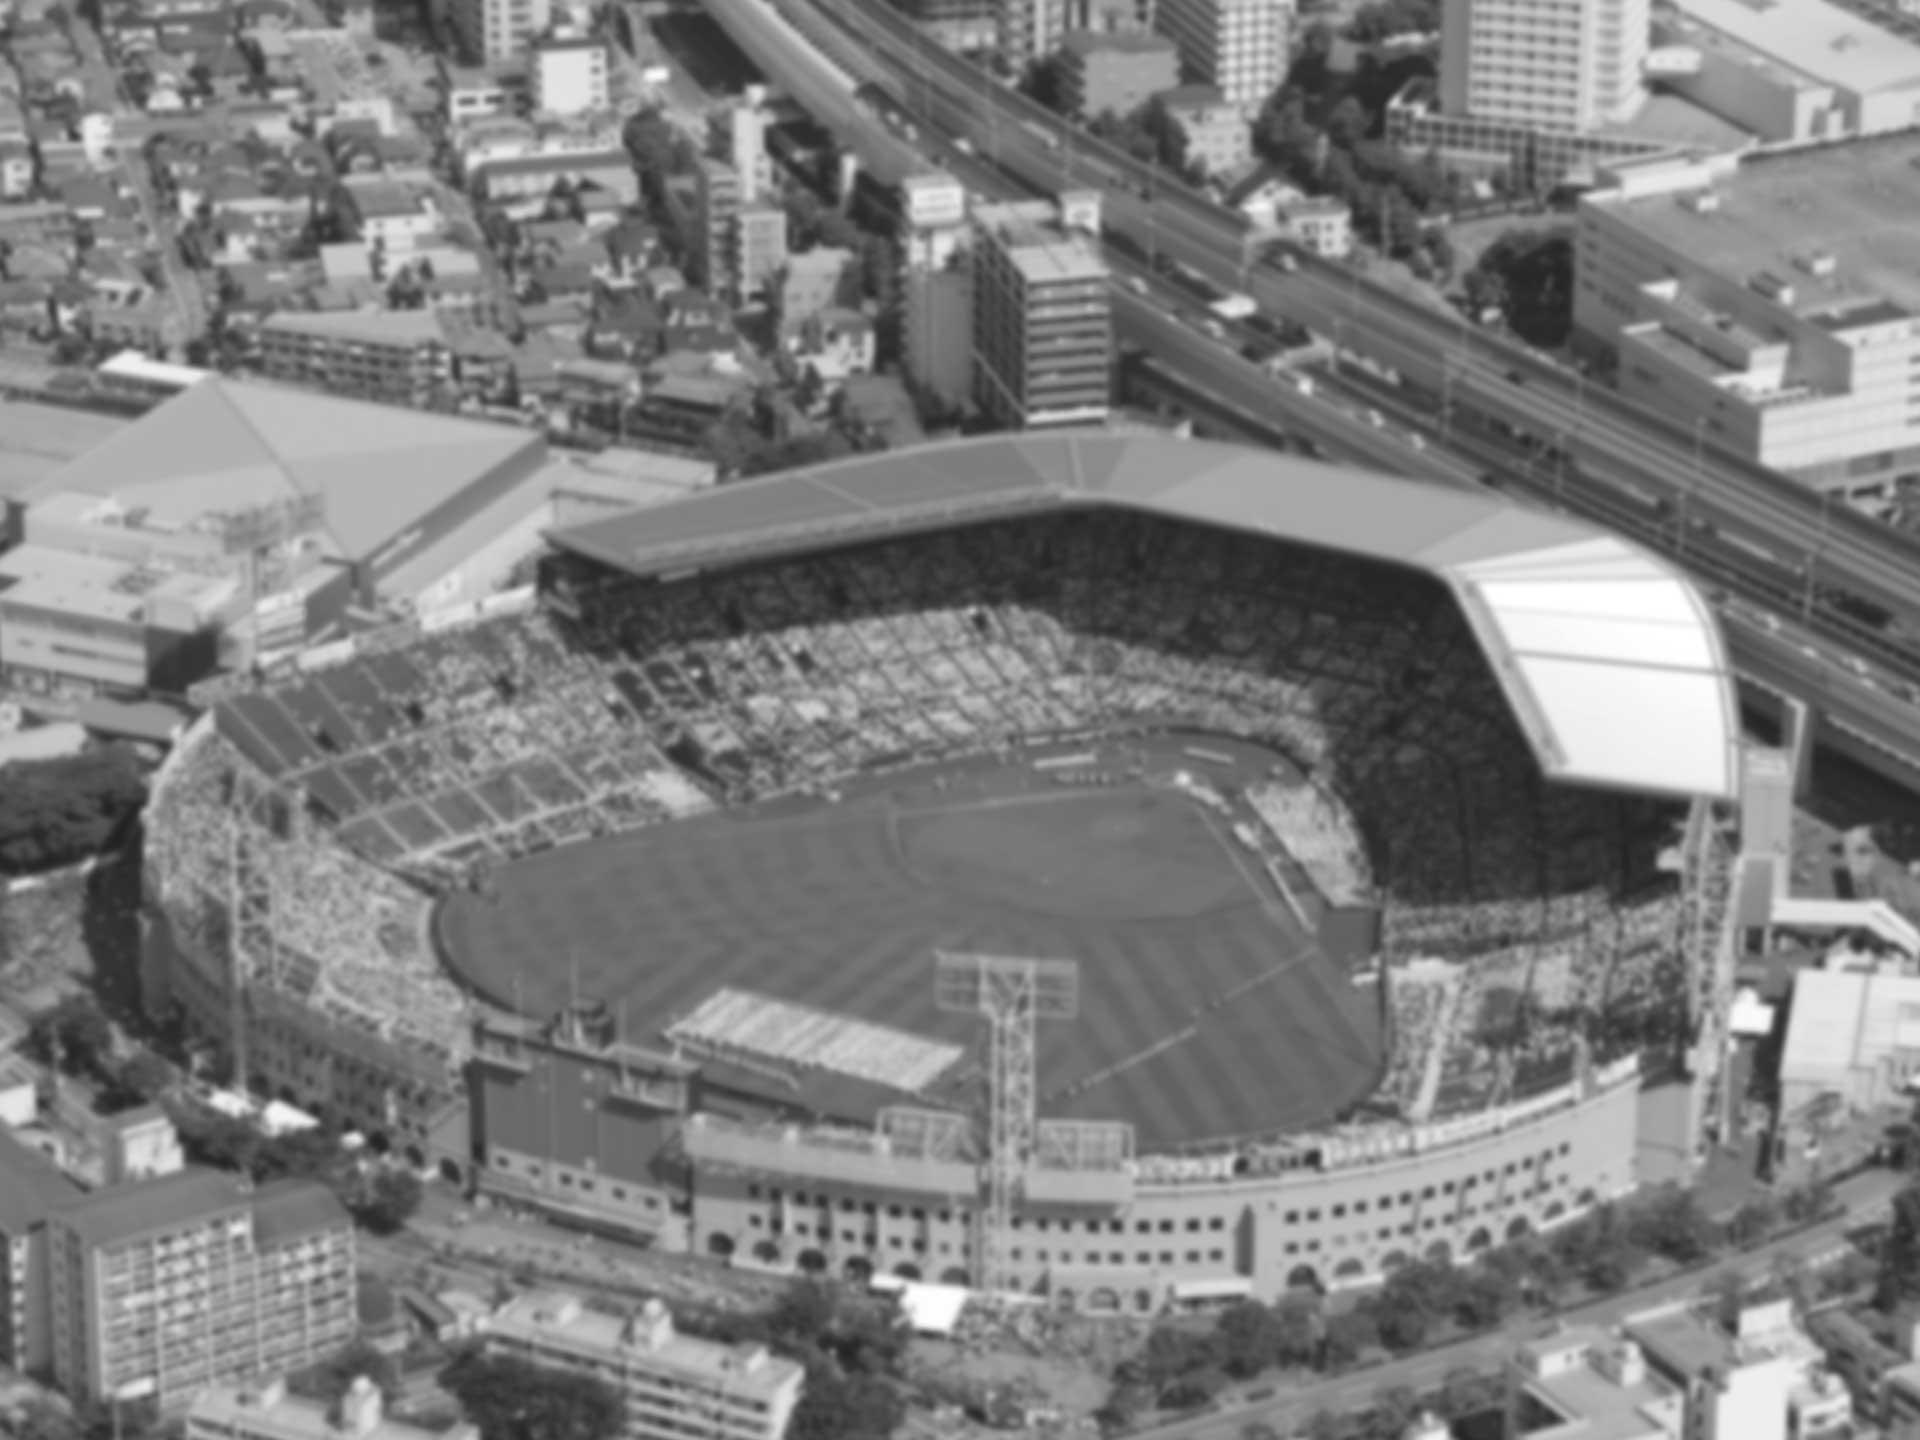 2009年、銀傘が新しくなった阪神甲子園球場